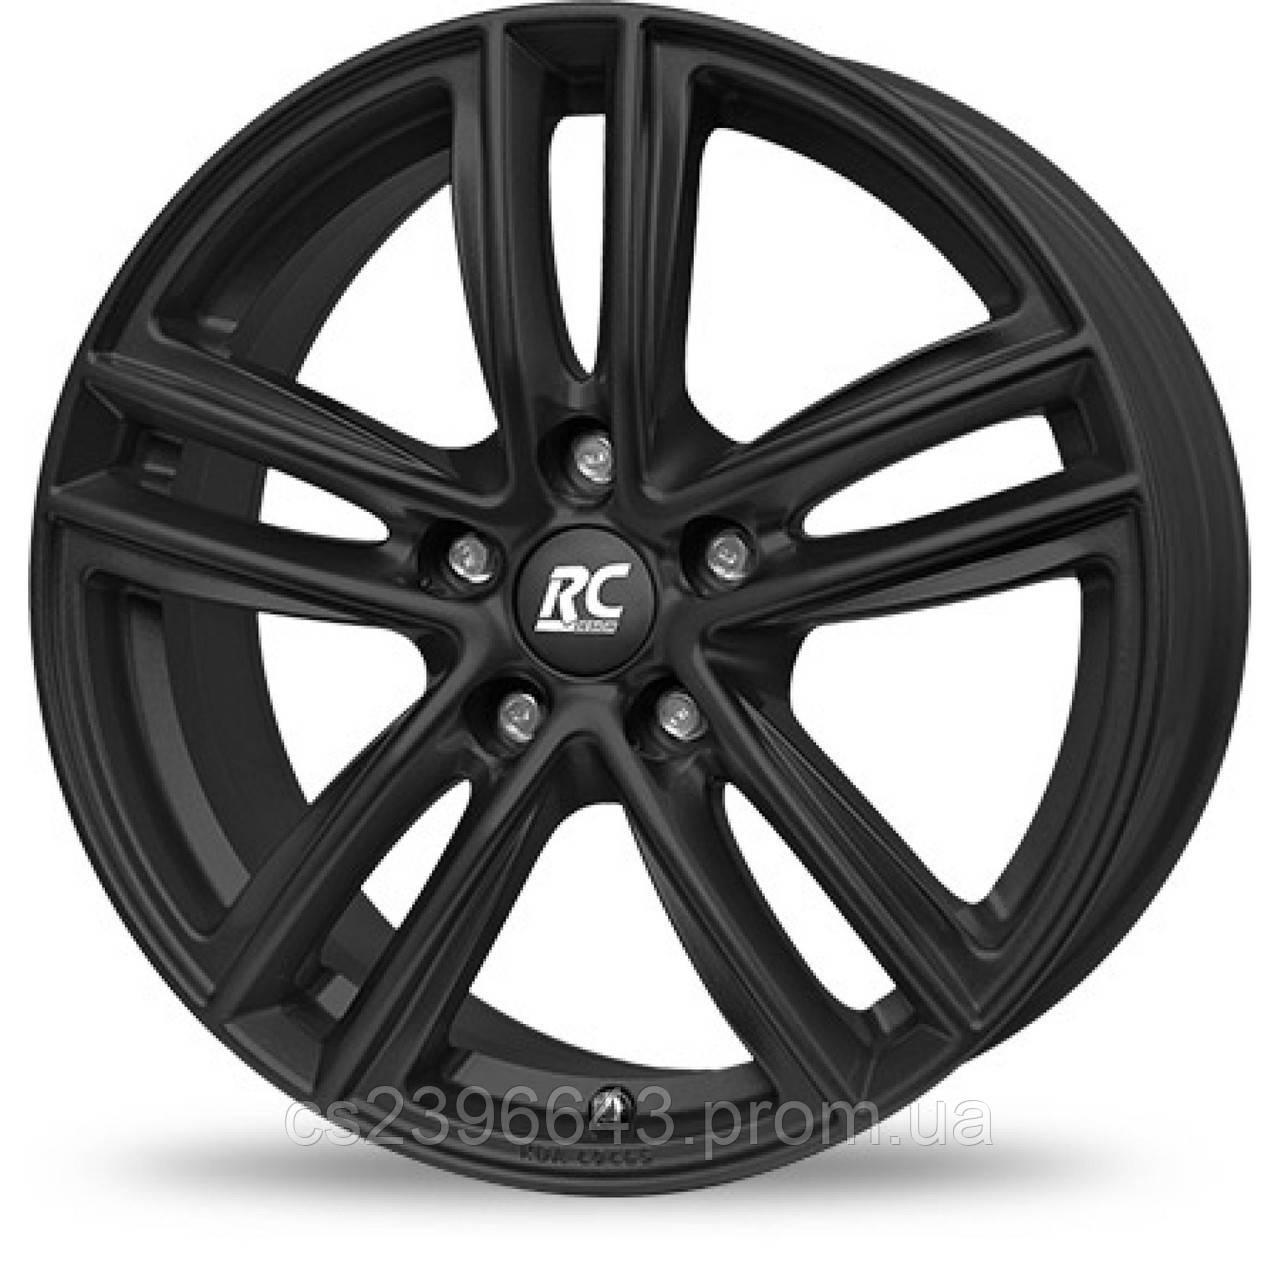 Колесный диск RC Design RC27 18x8 ET39